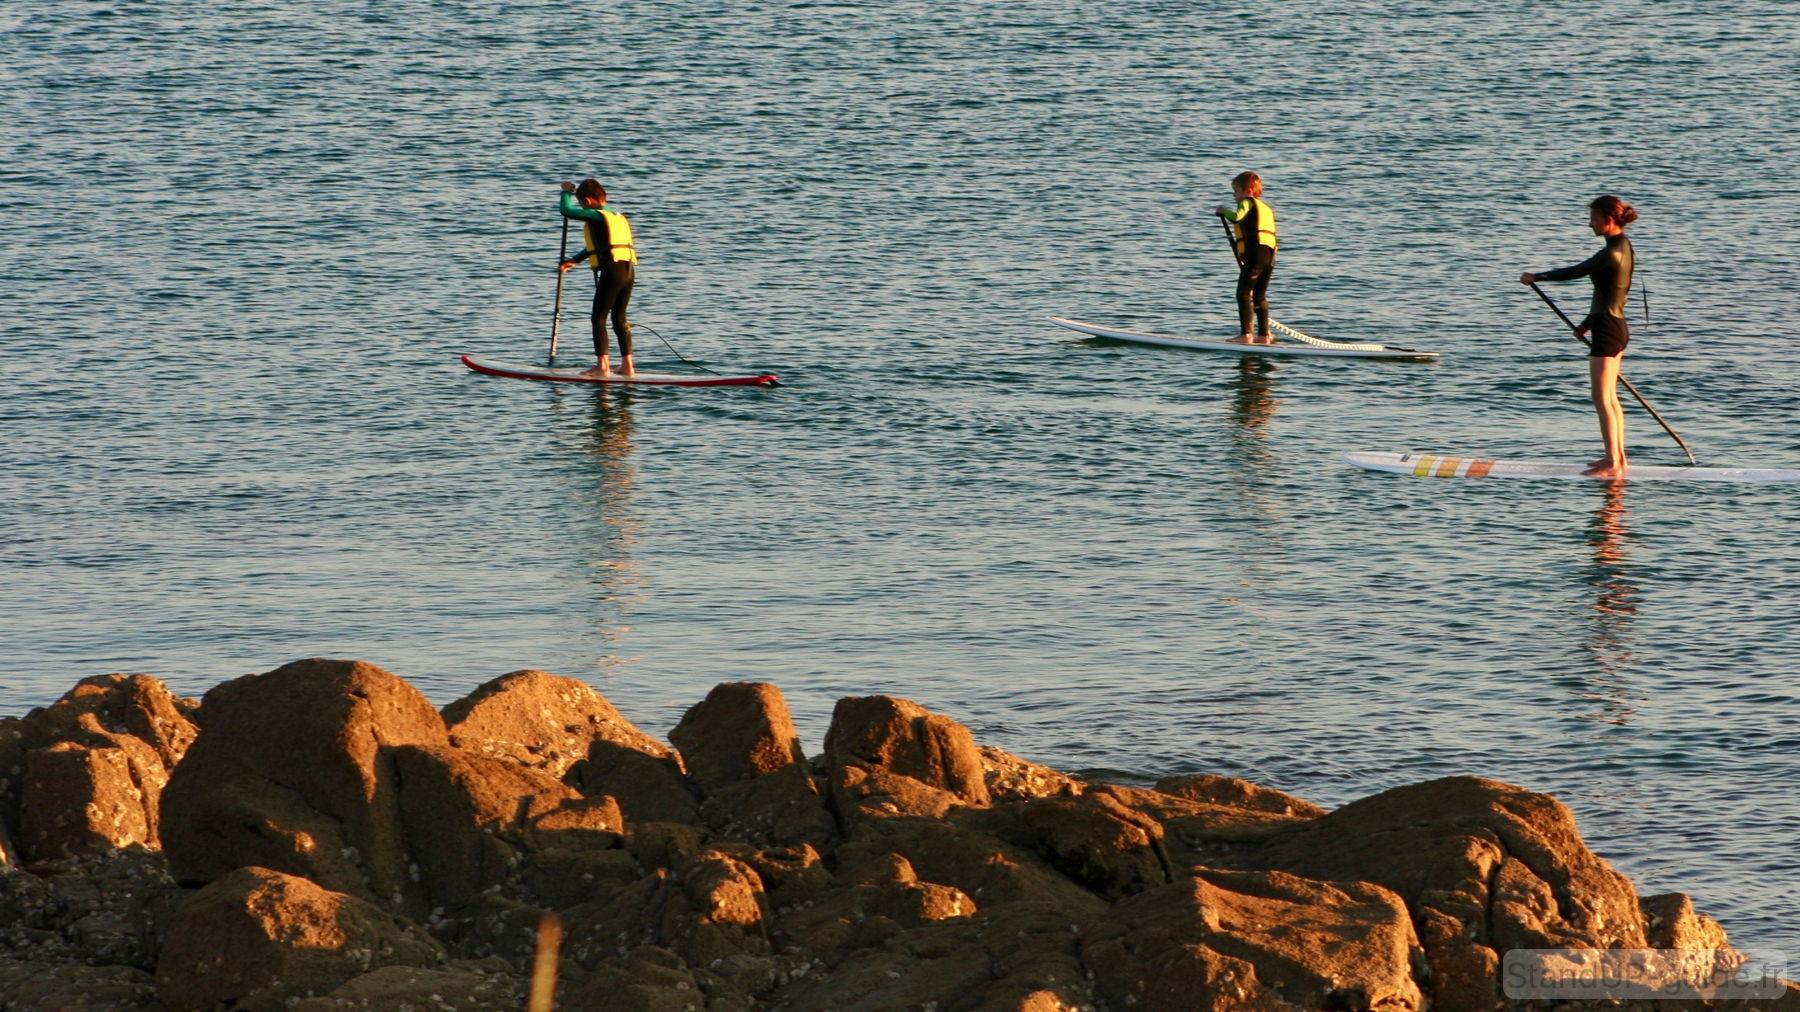 Qui veut faire du stand up paddle